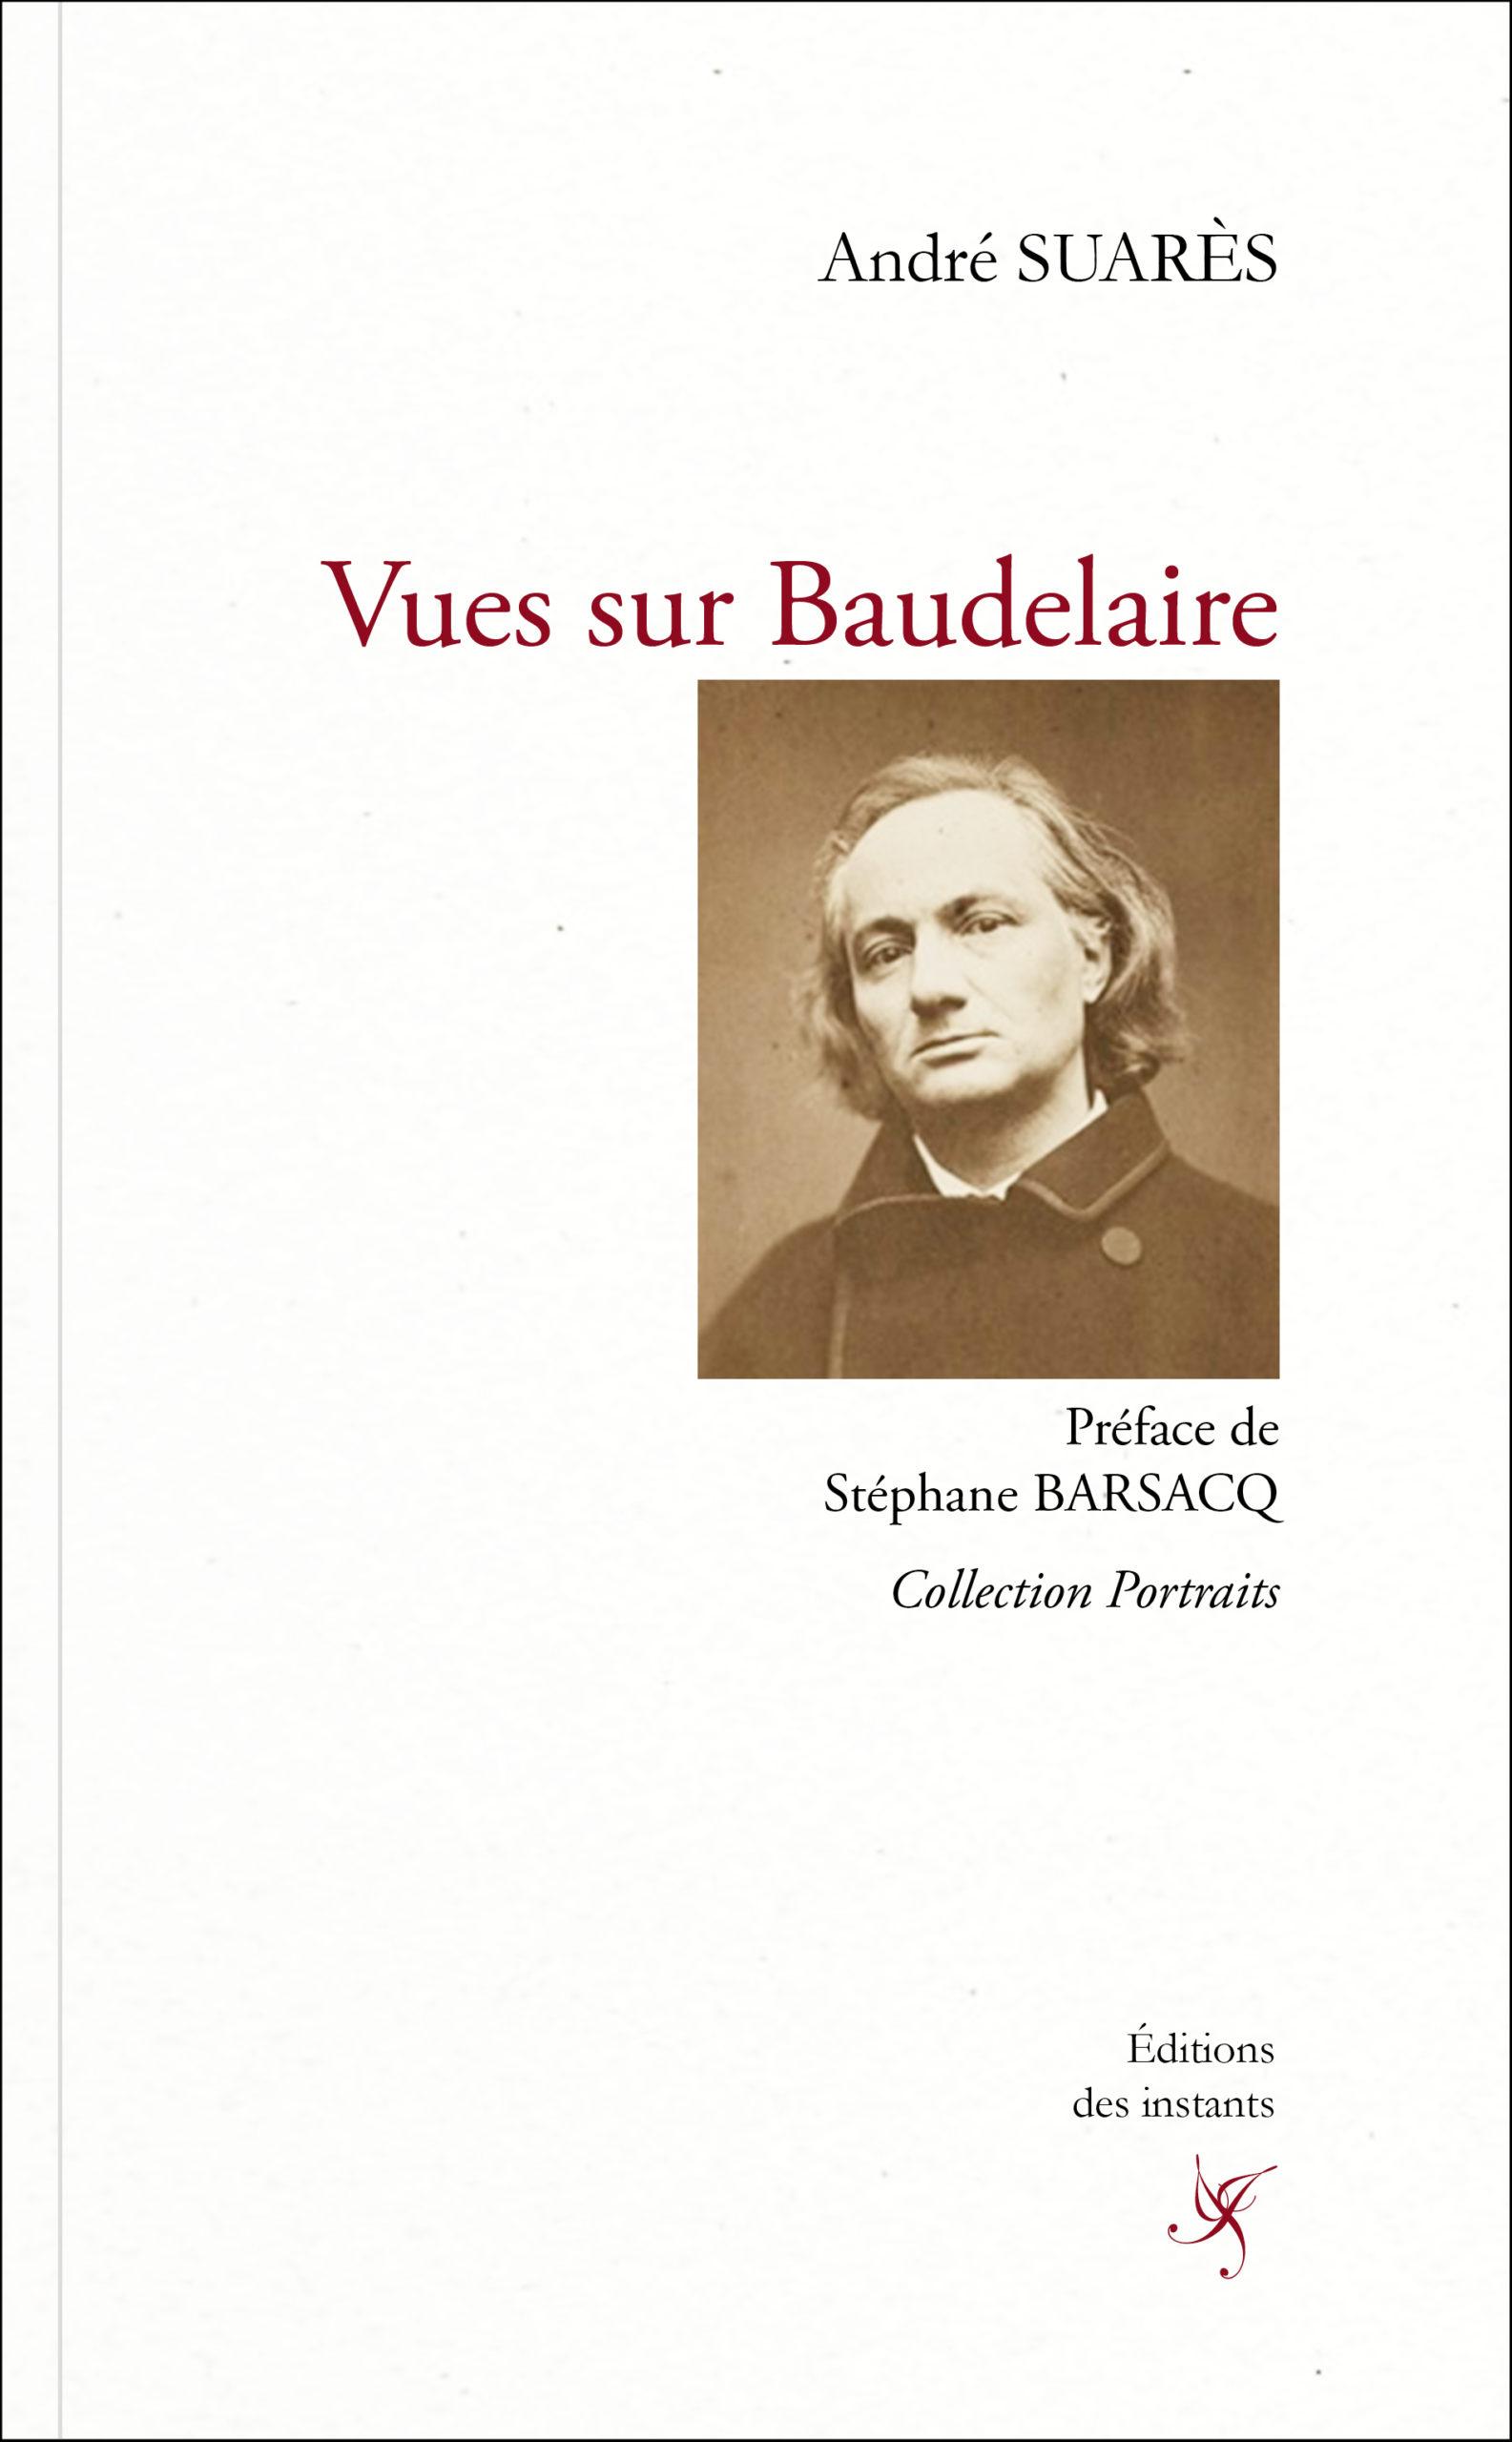 A. Suarès, Vues sur Baudelaire